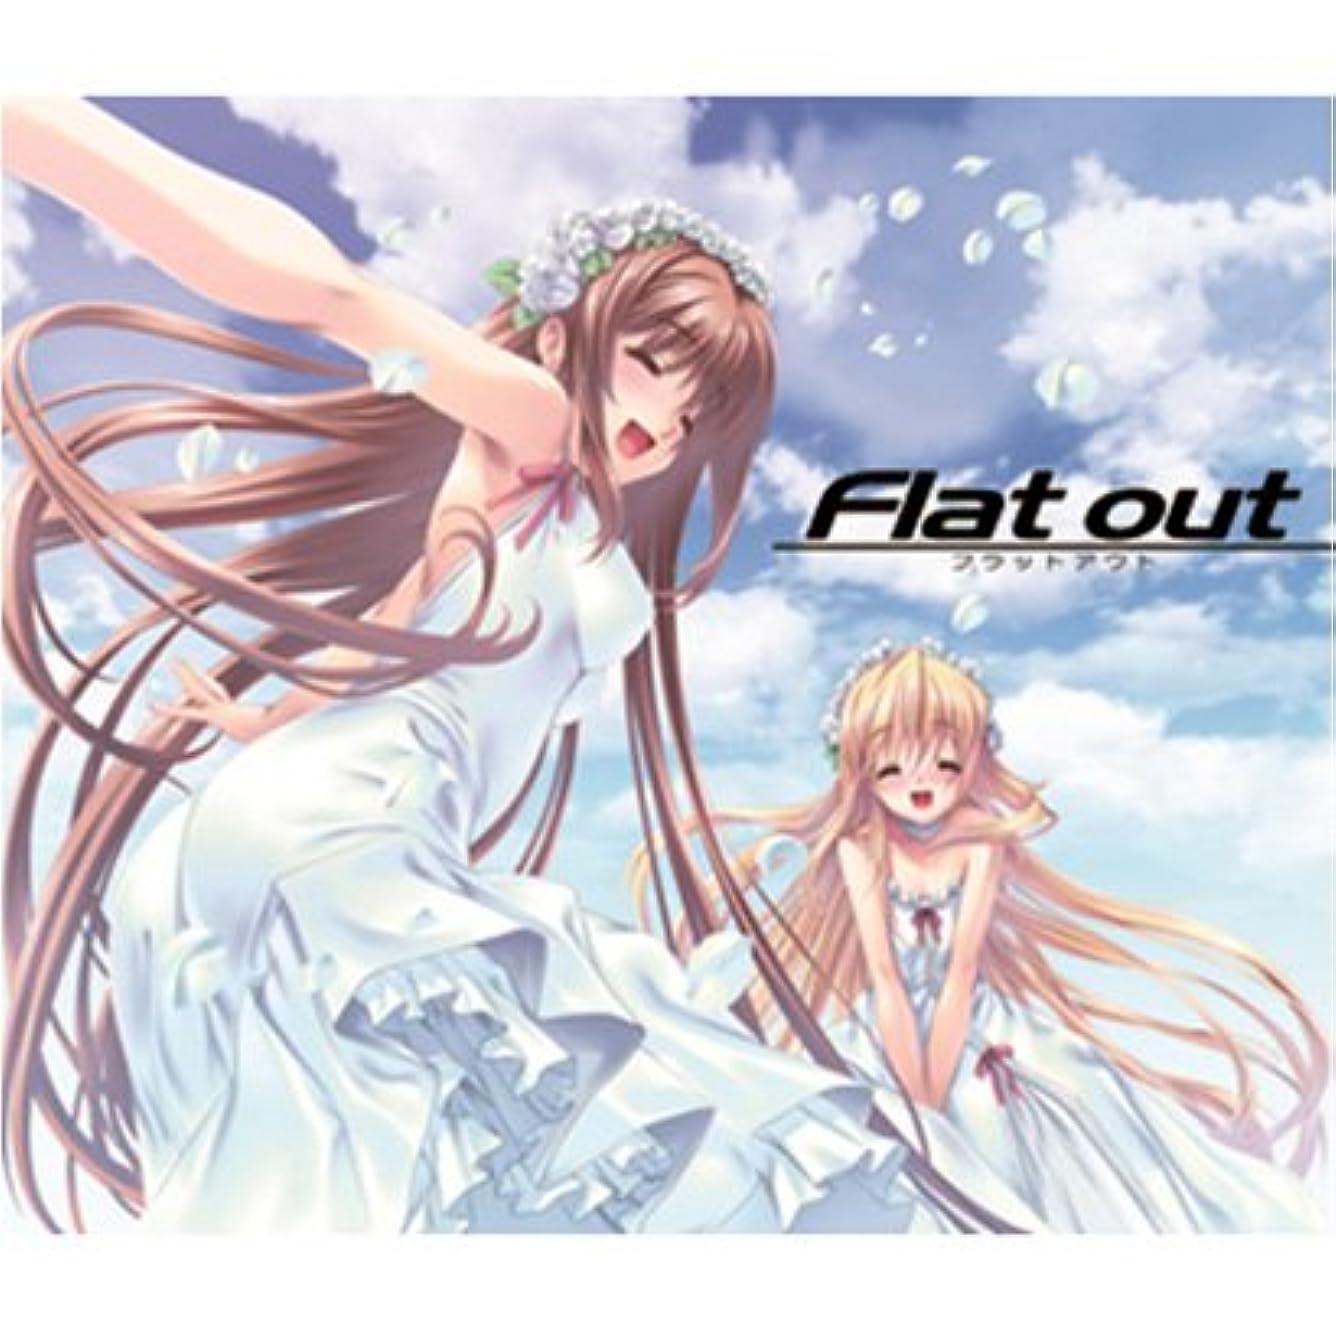 豆腐ネイティブ罰AXLボーカルソング集3「Flat out」